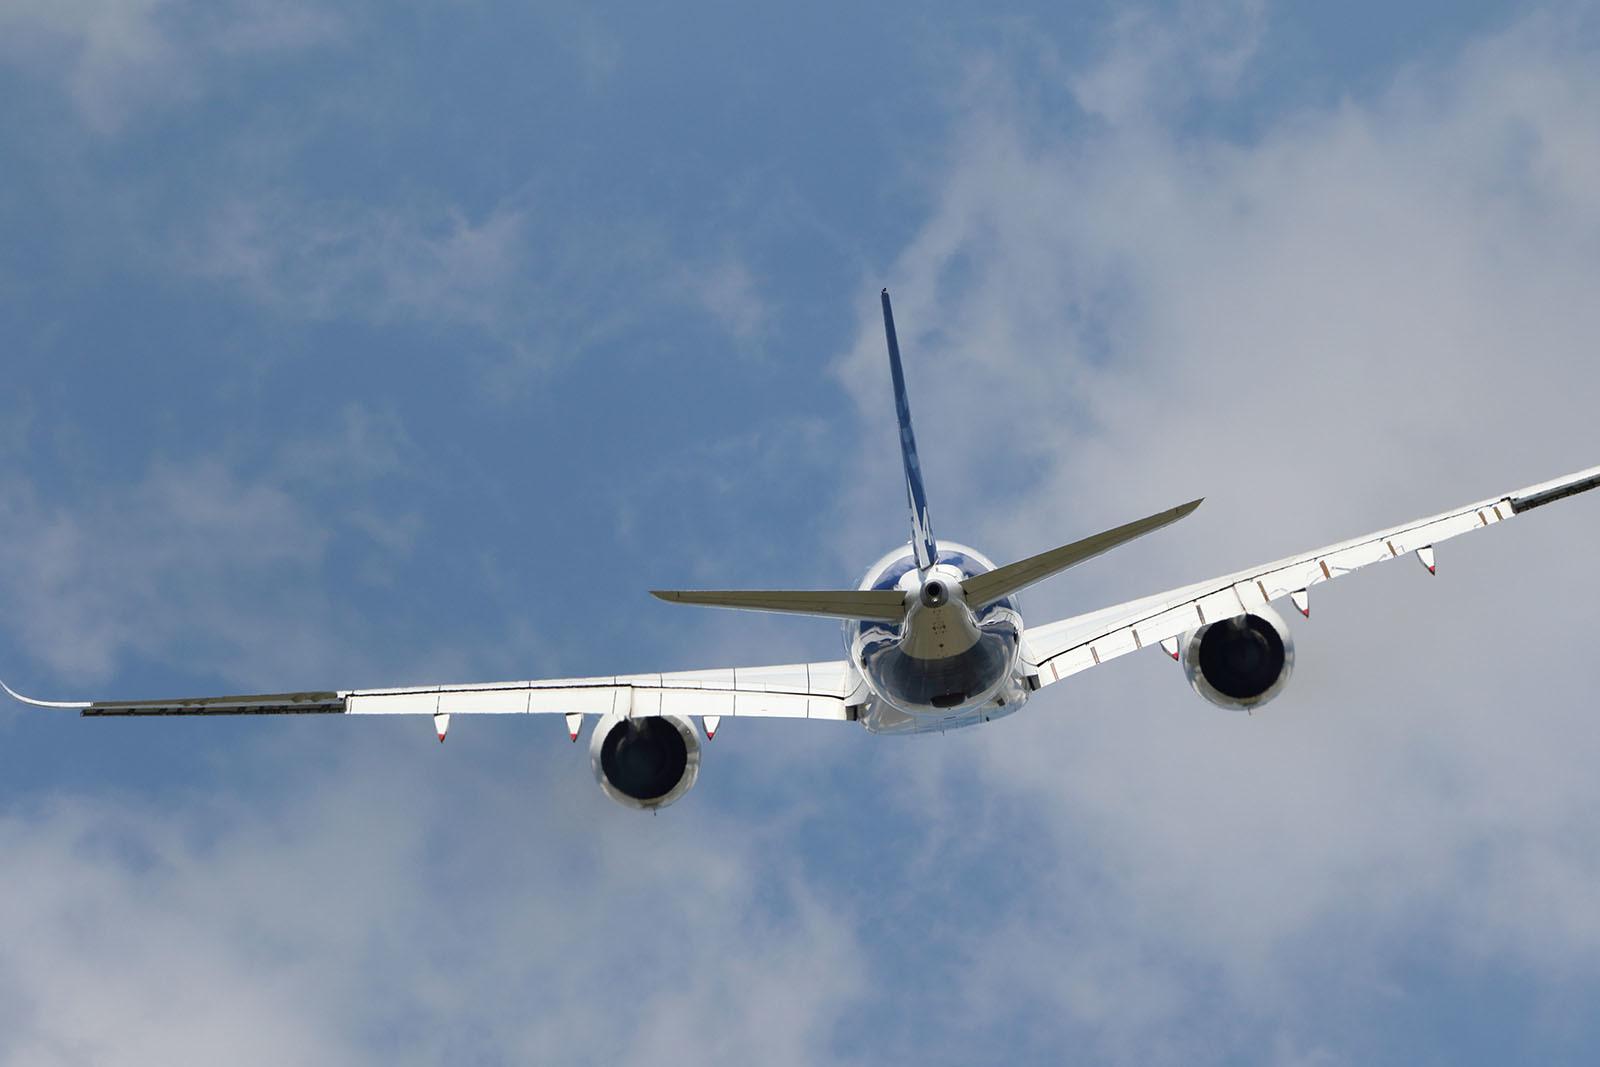 パリエアショー2019 06「FLIGHT DISPLAY 02」_b0315809_12093325.jpg